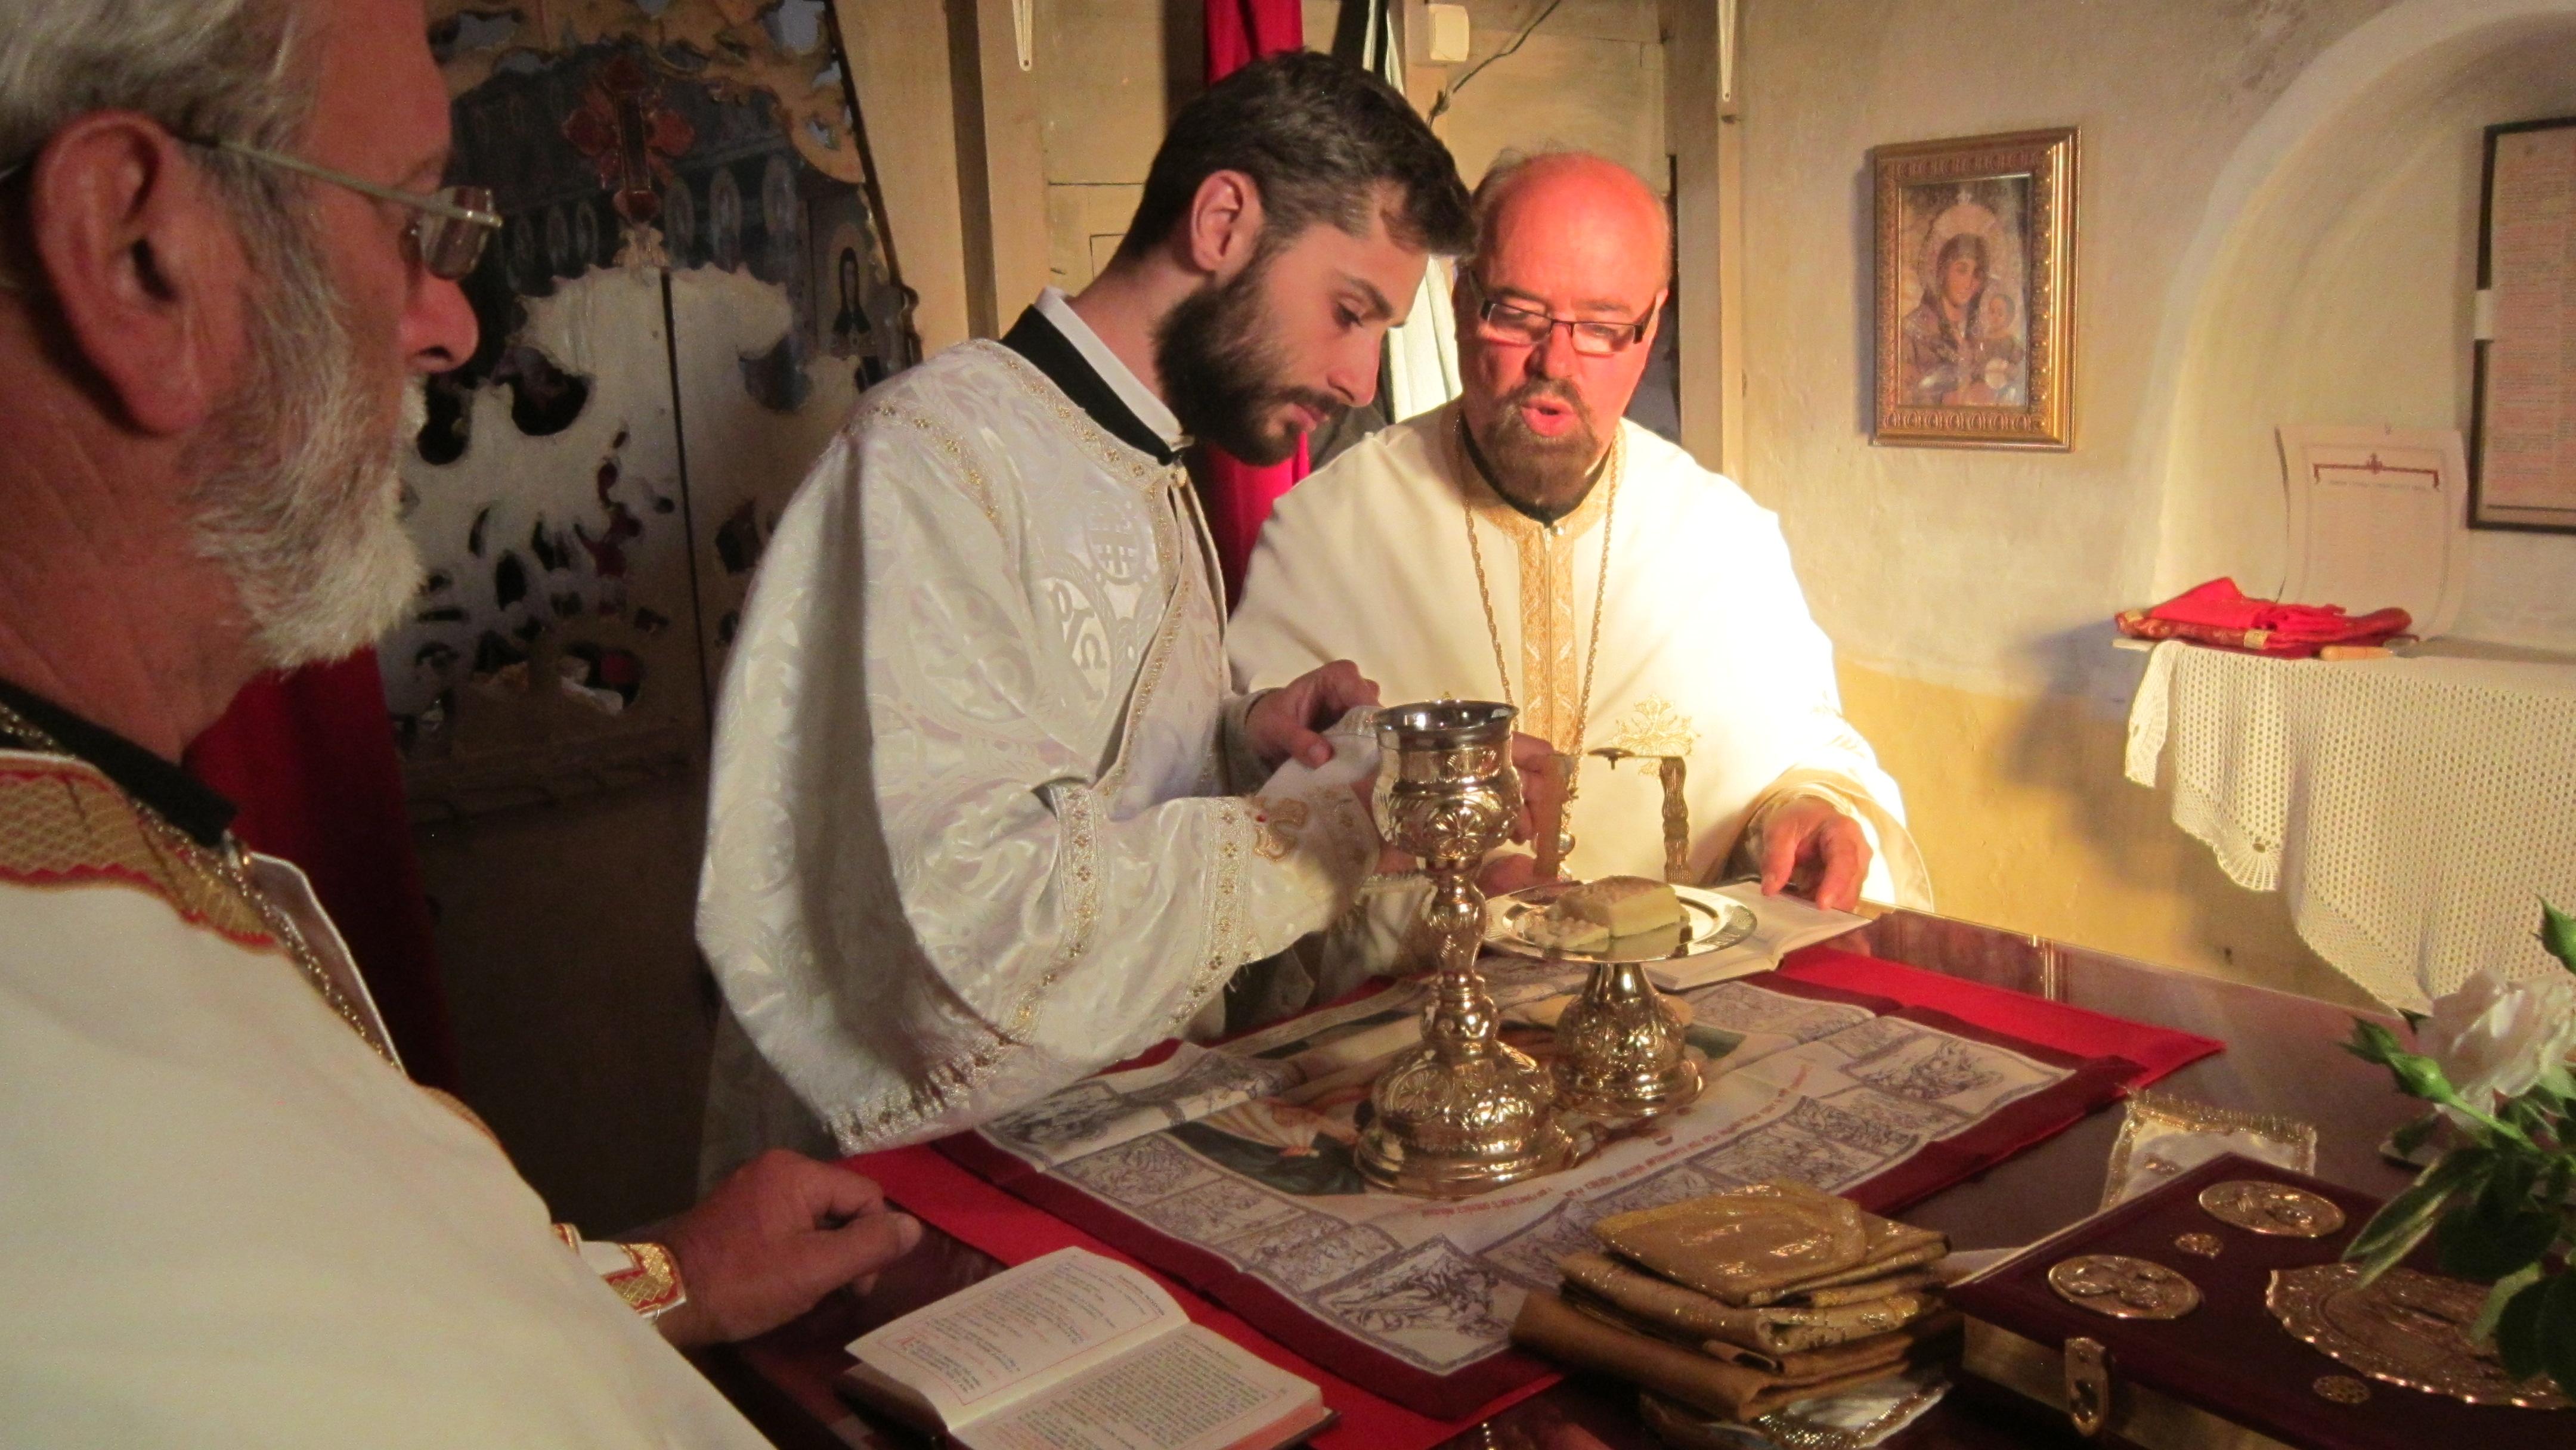 Отац и син на путу Свете мајке Ангелине  и сина јој Светитеља Максима